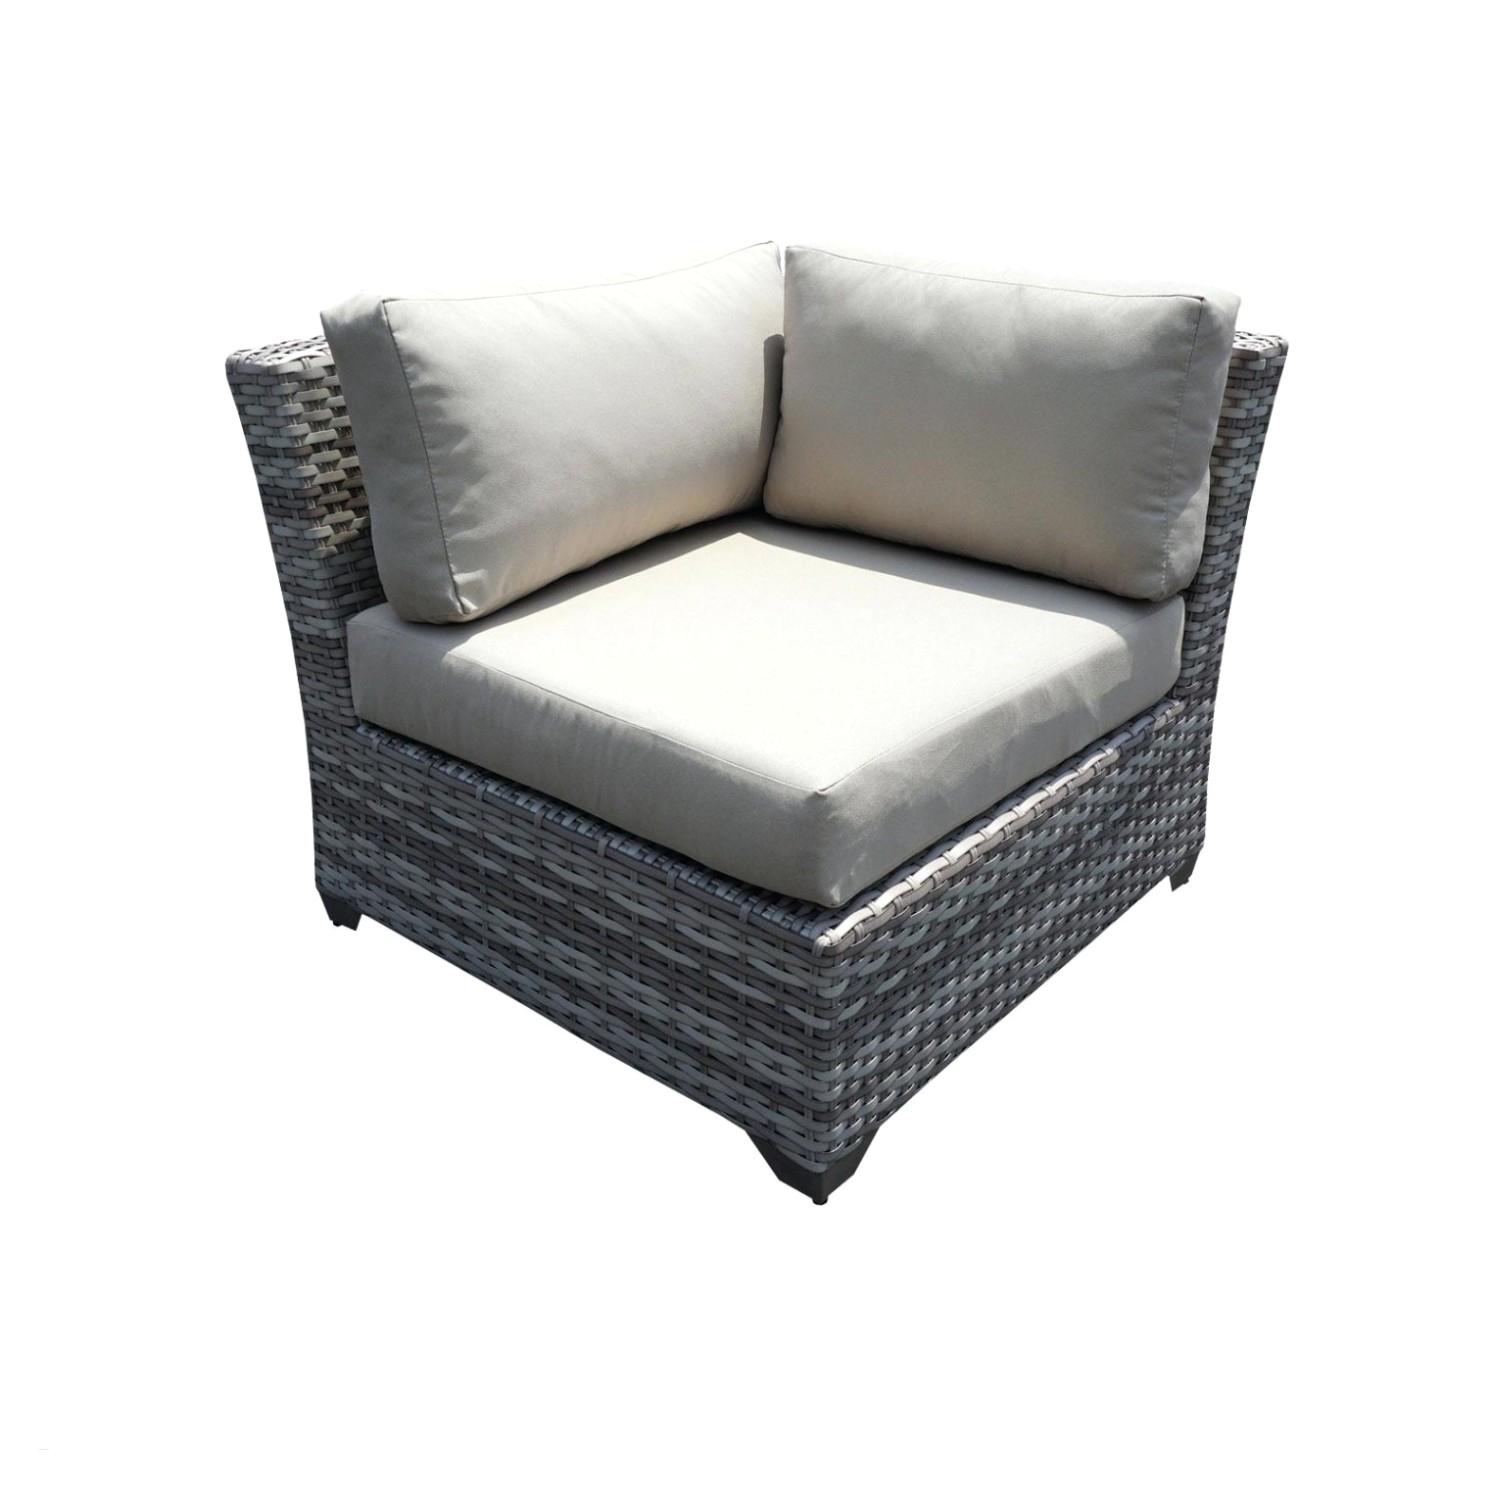 Savon Furniture Outdoor Furniture Rental Miami Foothillfolk Designs